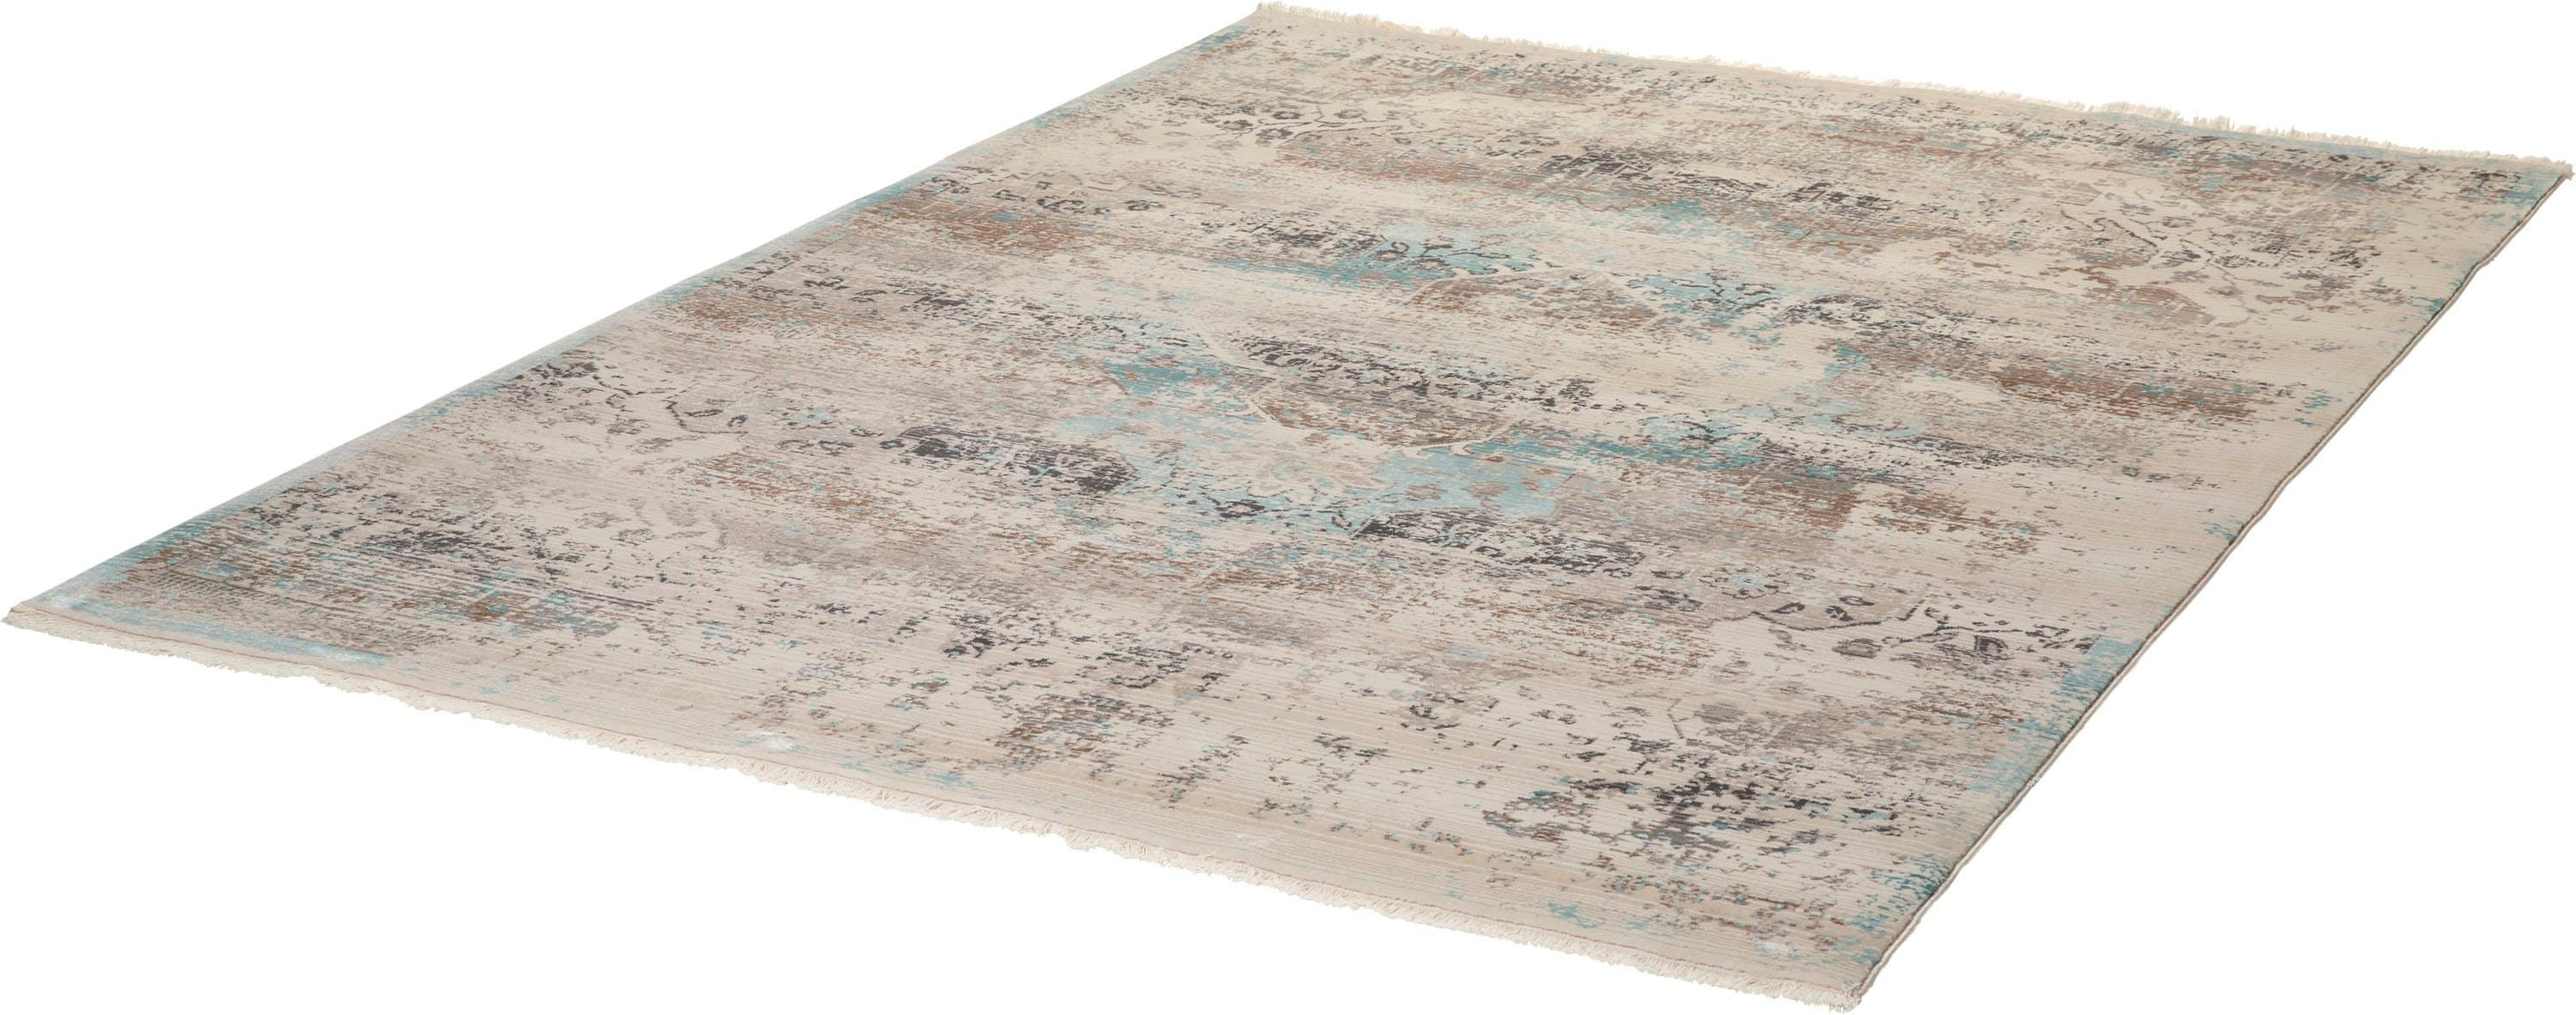 Teppich My Inca 353 Obsession rechteckig Höhe 11 mm maschinell gewebt